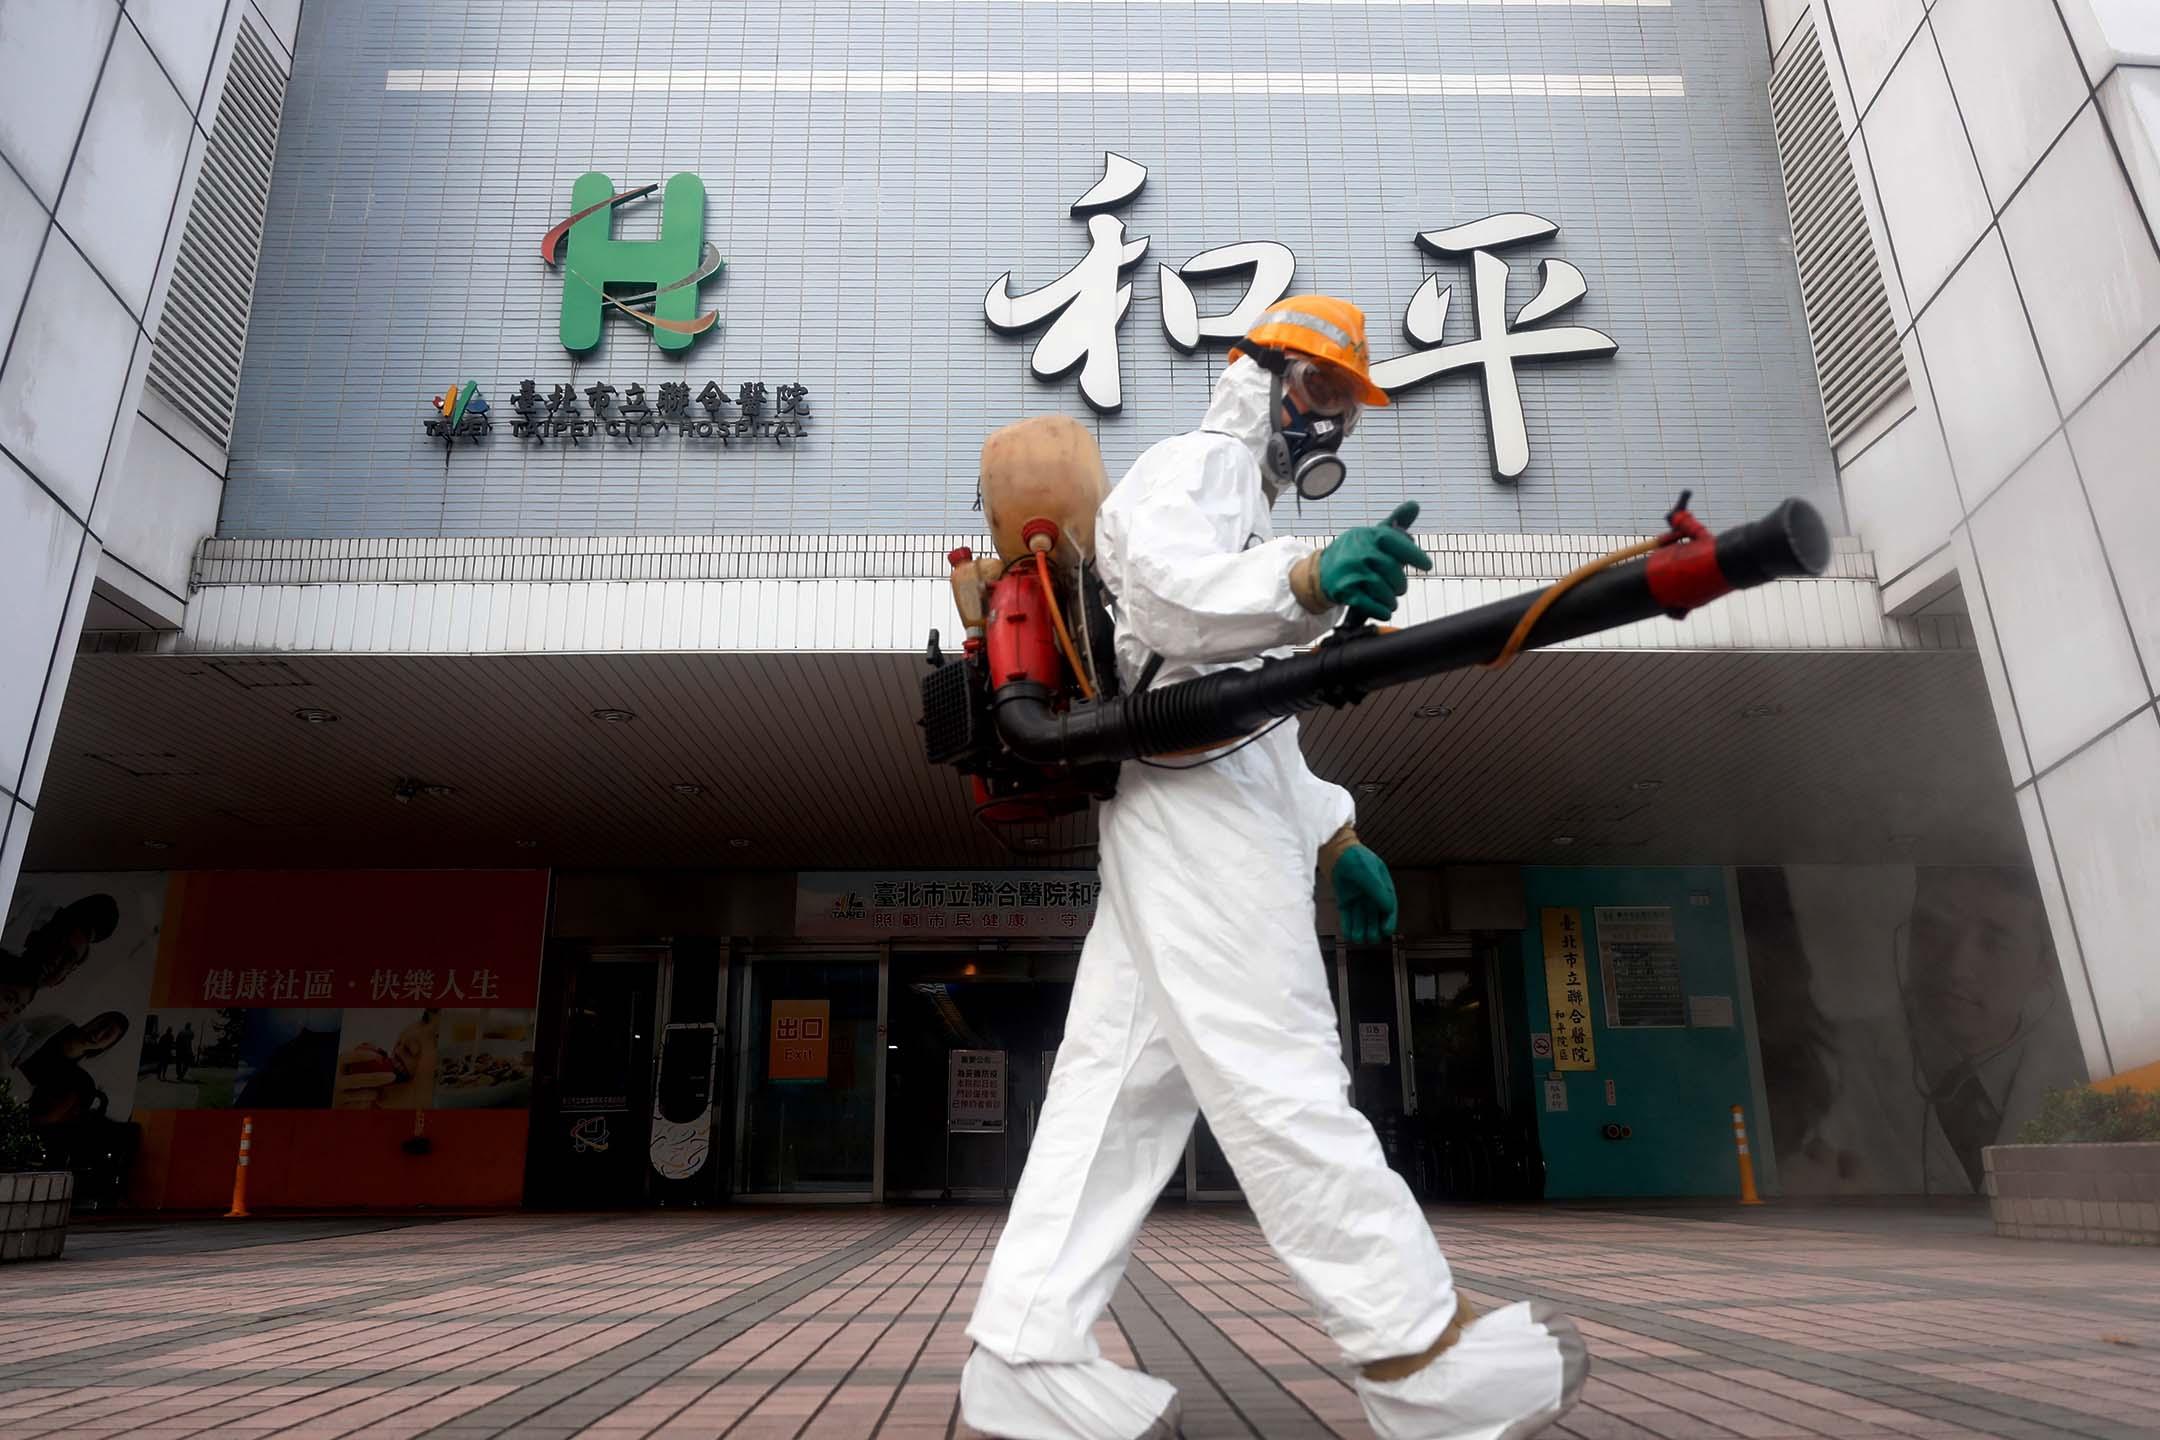 2021年5月15日,一名穿著防護裝備的工作人員為台北的和平家醫院外消毒。 攝:Ceng Shou Yi/NurPhoto via Getty Images